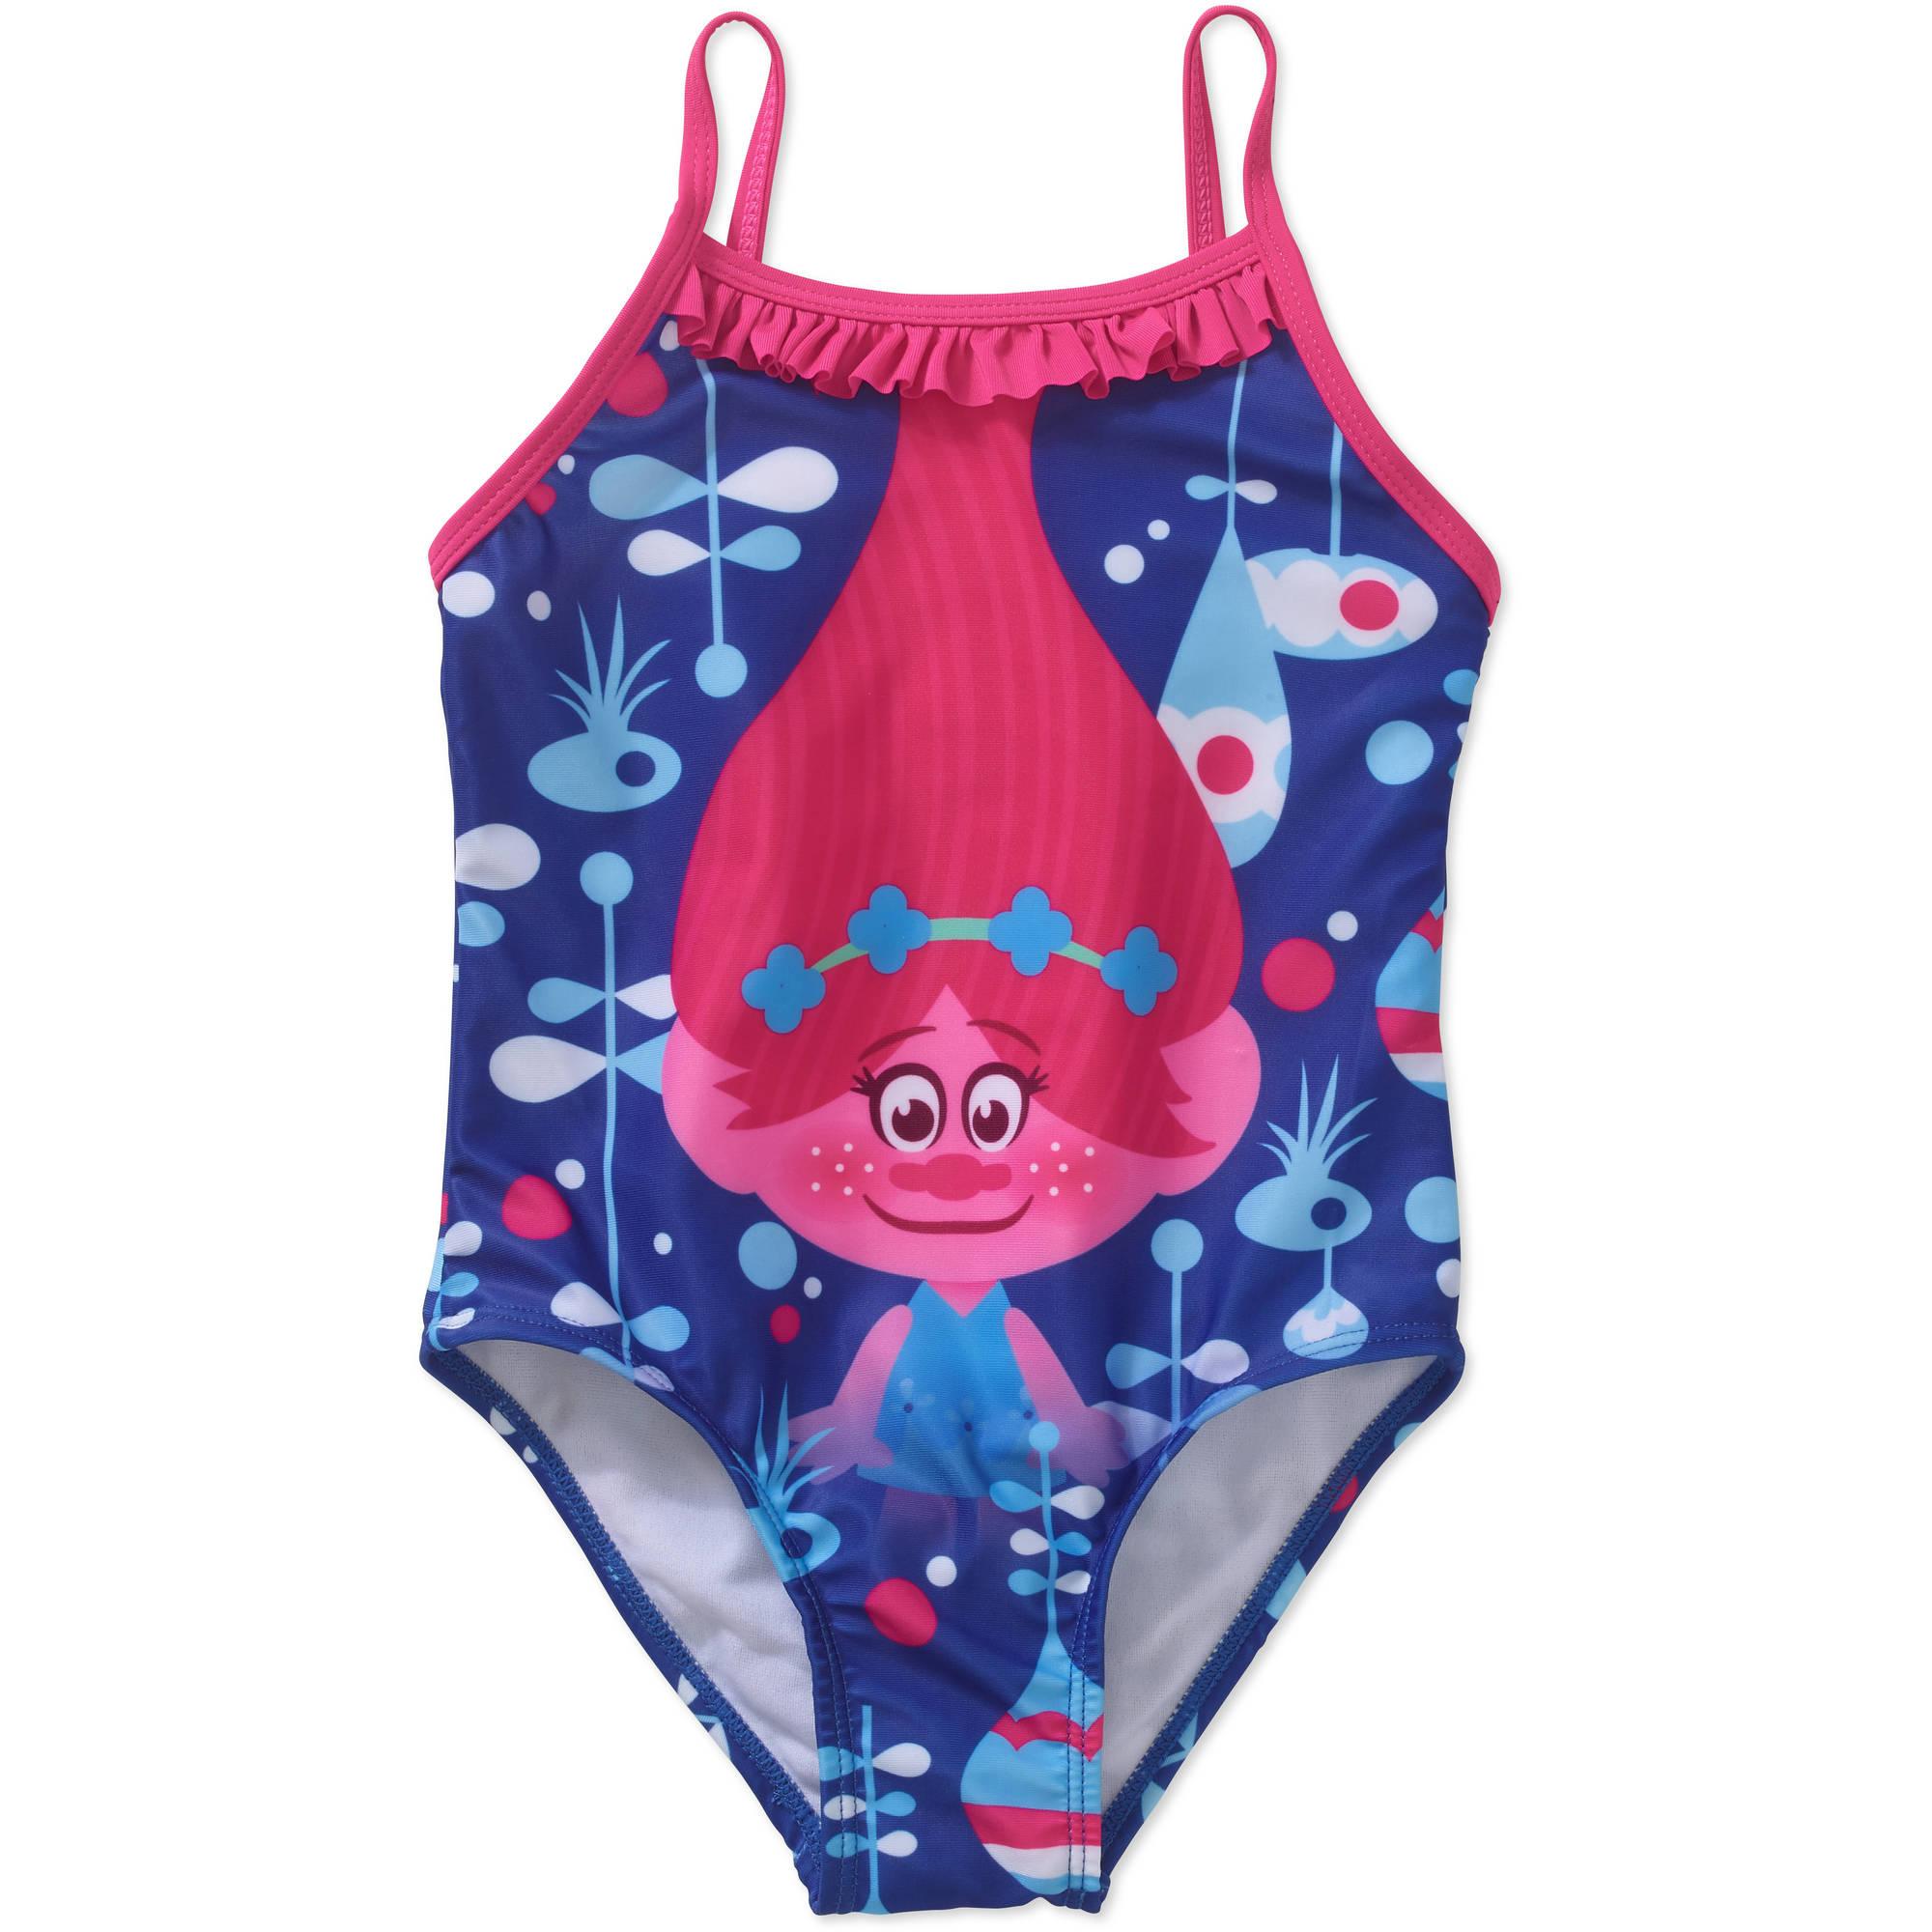 860321169fc5a Trolls - Toddler Girl Ruffle Detail 1pc Swimsuit - Walmart.com